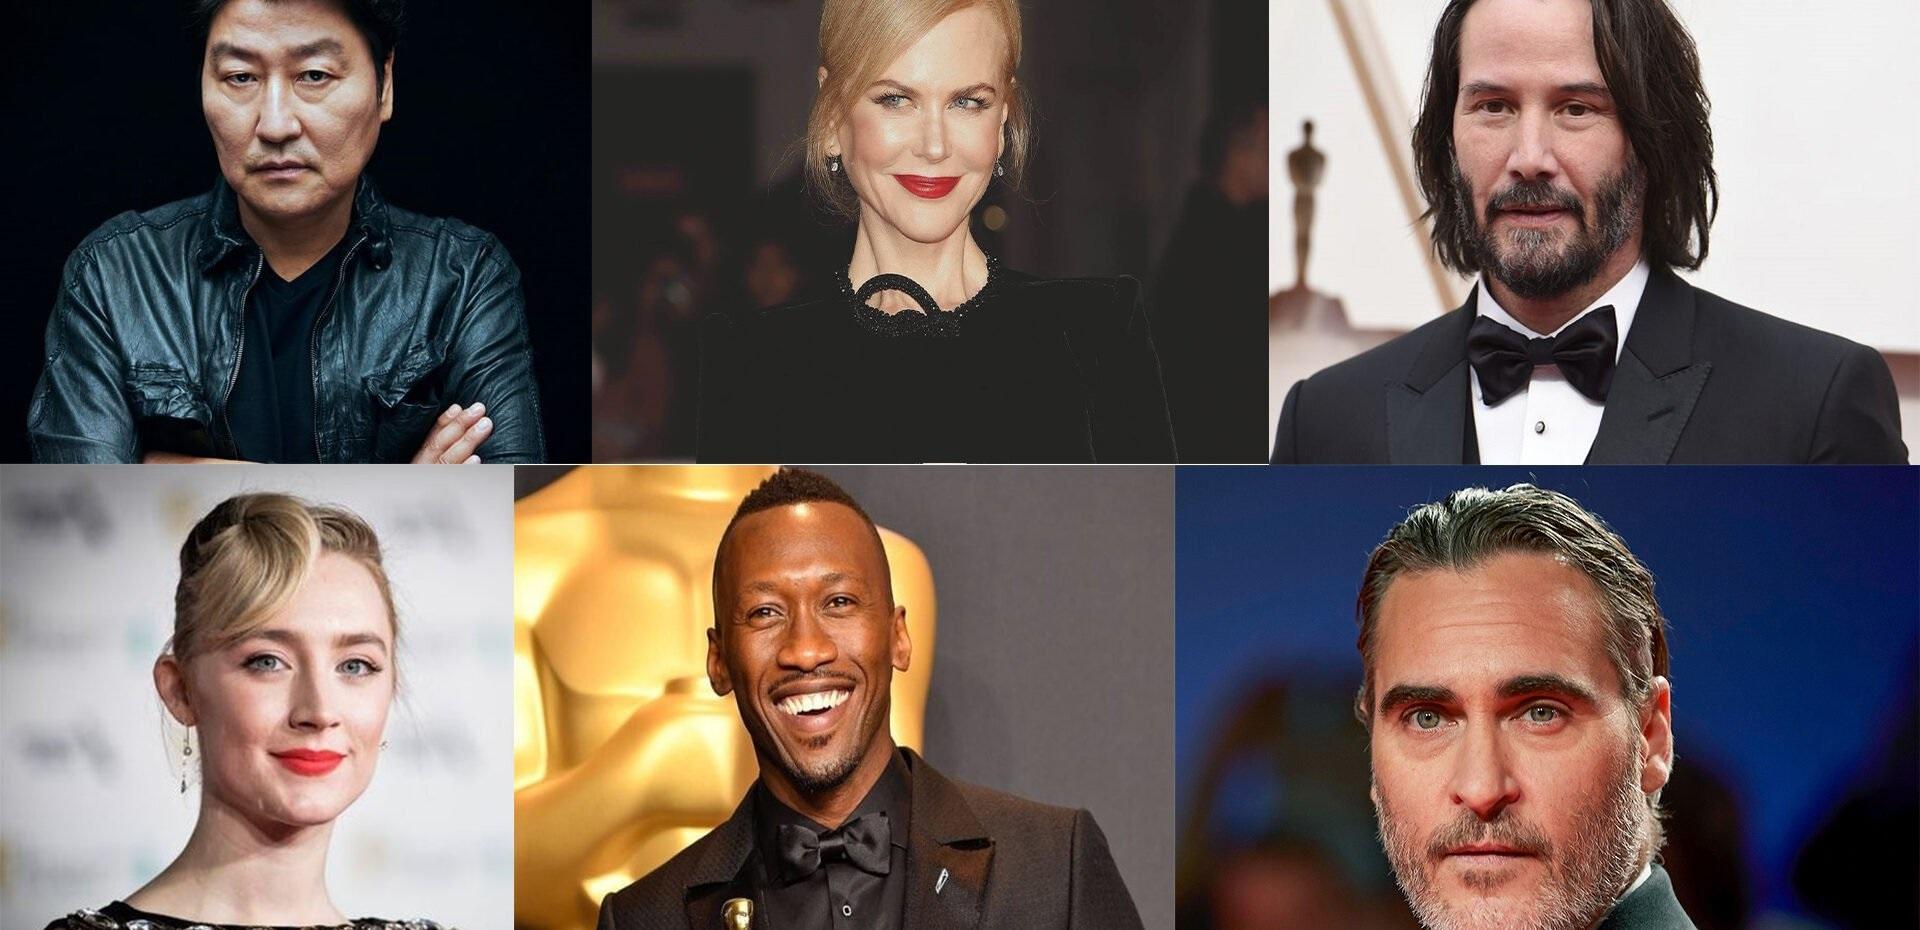 لیستی از برترین بازیگران قرن 21 به انتخاب مجلهی نیویورک تایمز